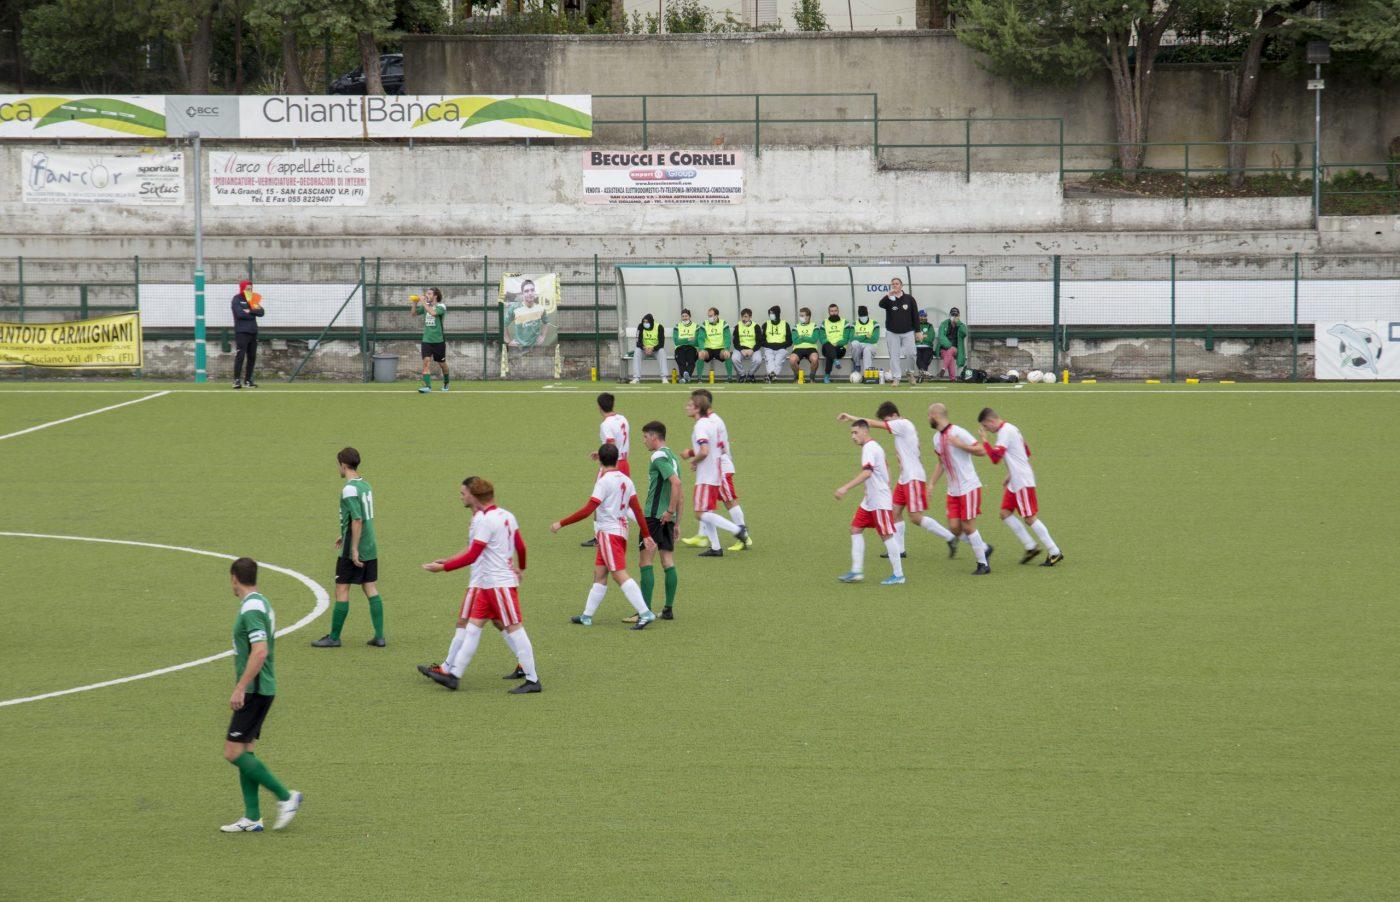 VIDEO / Coppa Toscana, Chianti Nord vs Belmonte: quattro gol, tre rigori, due espulsioni